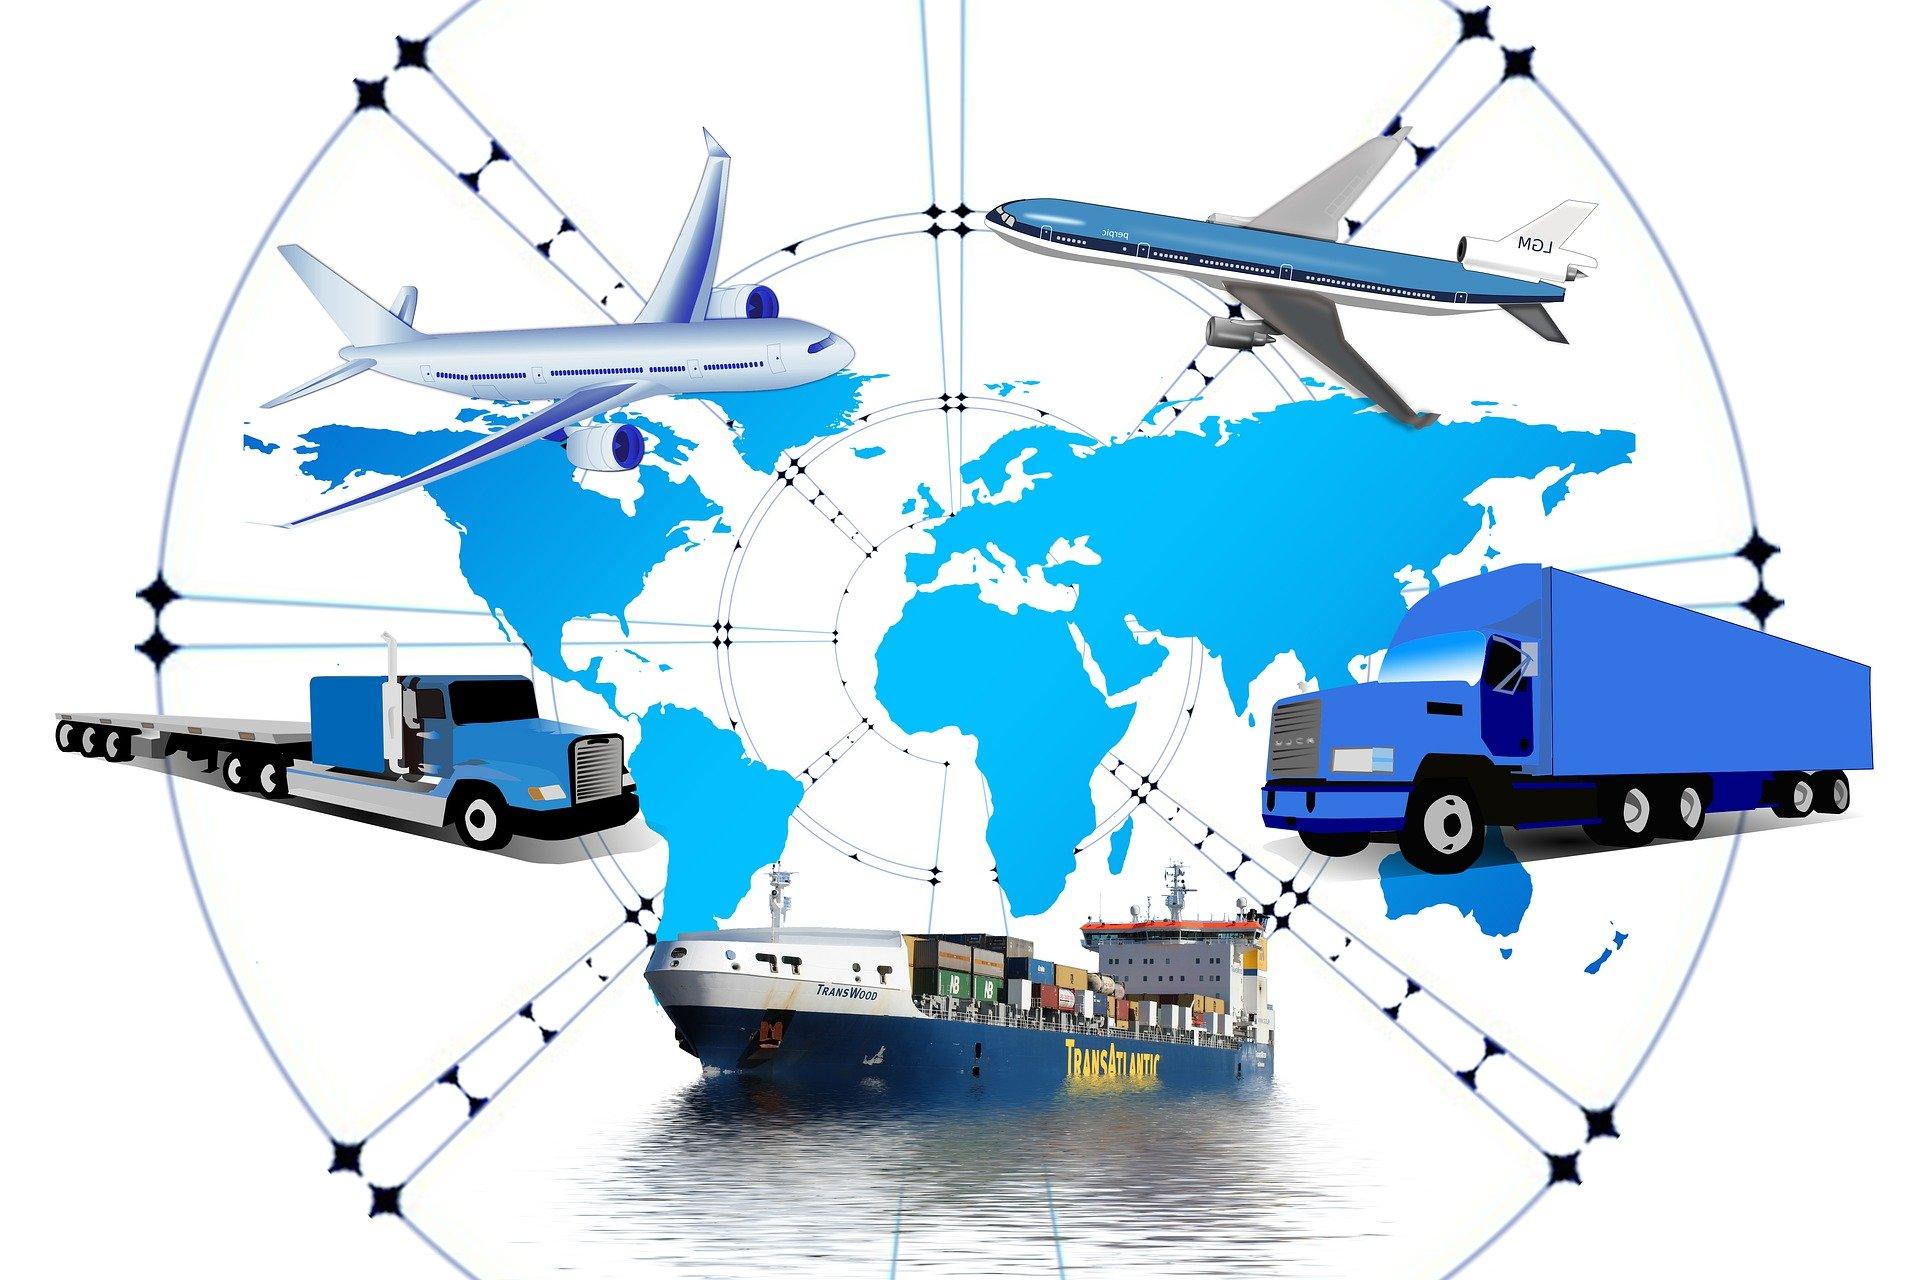 firma-transportowa